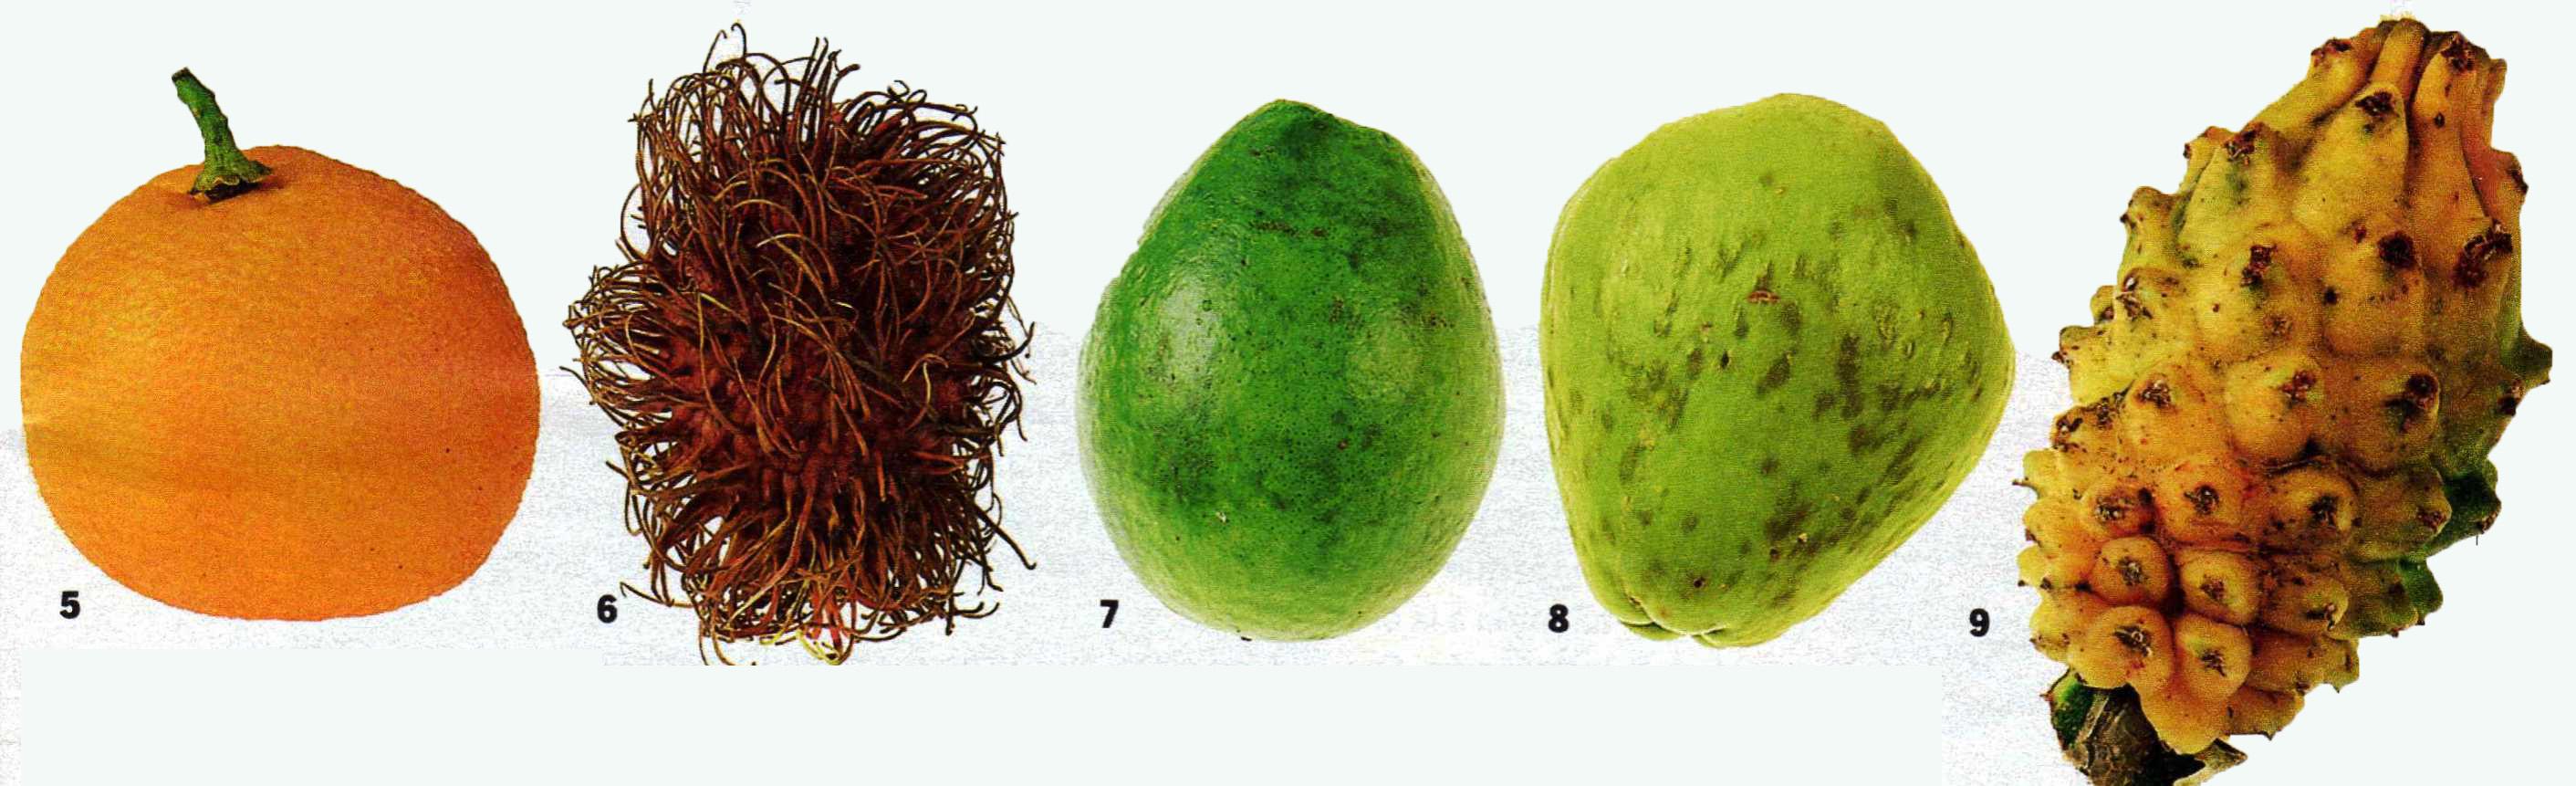 Hortalizas y frutas ex ticas sabor de familia - Frutas tropicales y exoticas ...